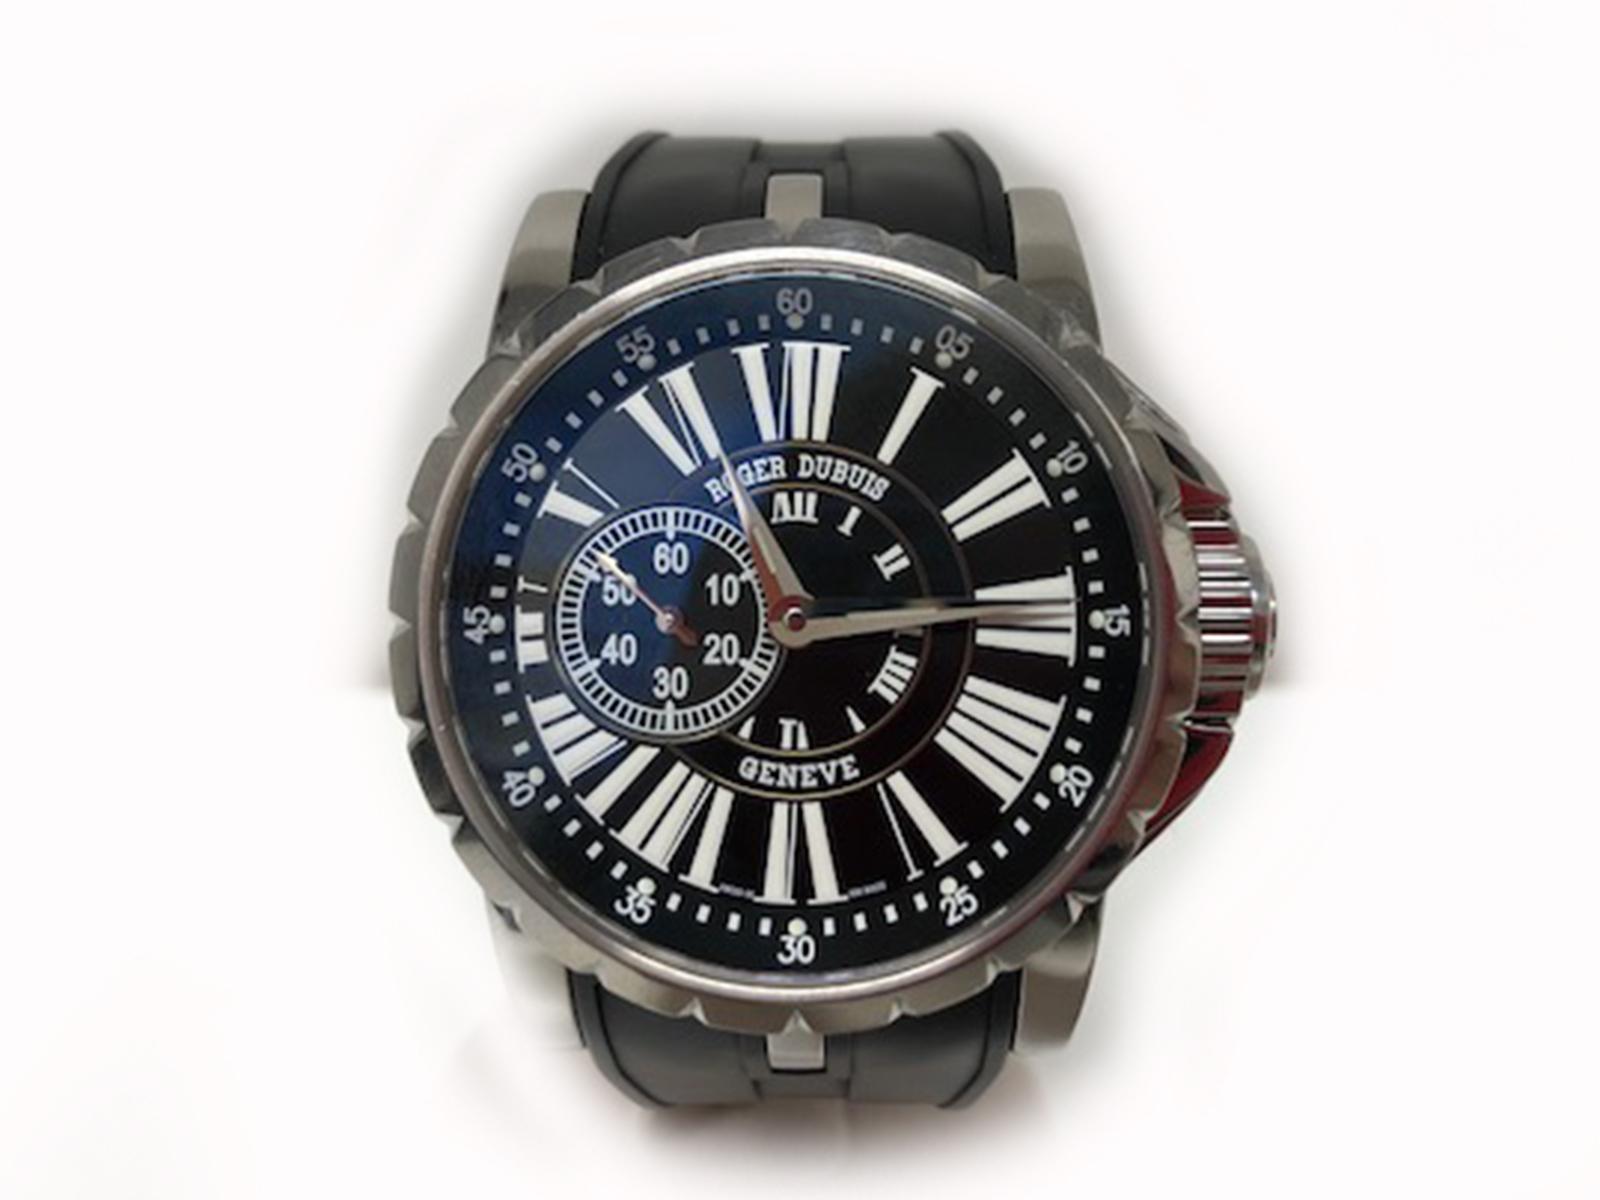 ROGER DUBUIS(ロジェドゥブイ)EX42 77 9 9.71R エクスカリバー 自動巻き ブラック文字盤 ラバーベルト メンズ腕時計【中古】